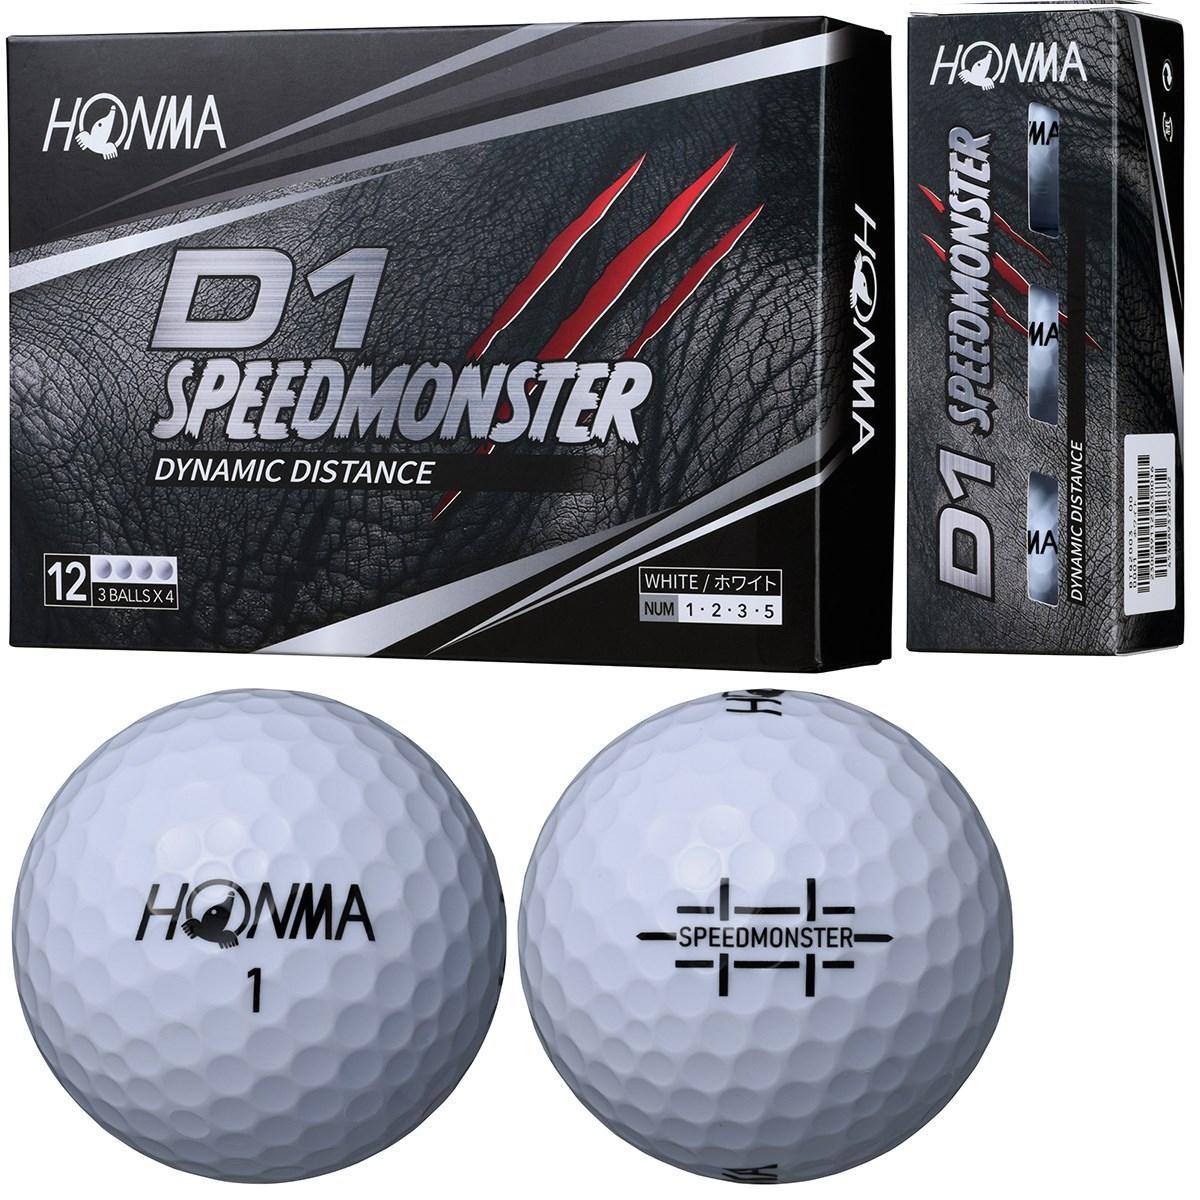 本間ゴルフ HONMA D1 スピードモンスター ボール 1ダース(12個入り) ホワイト